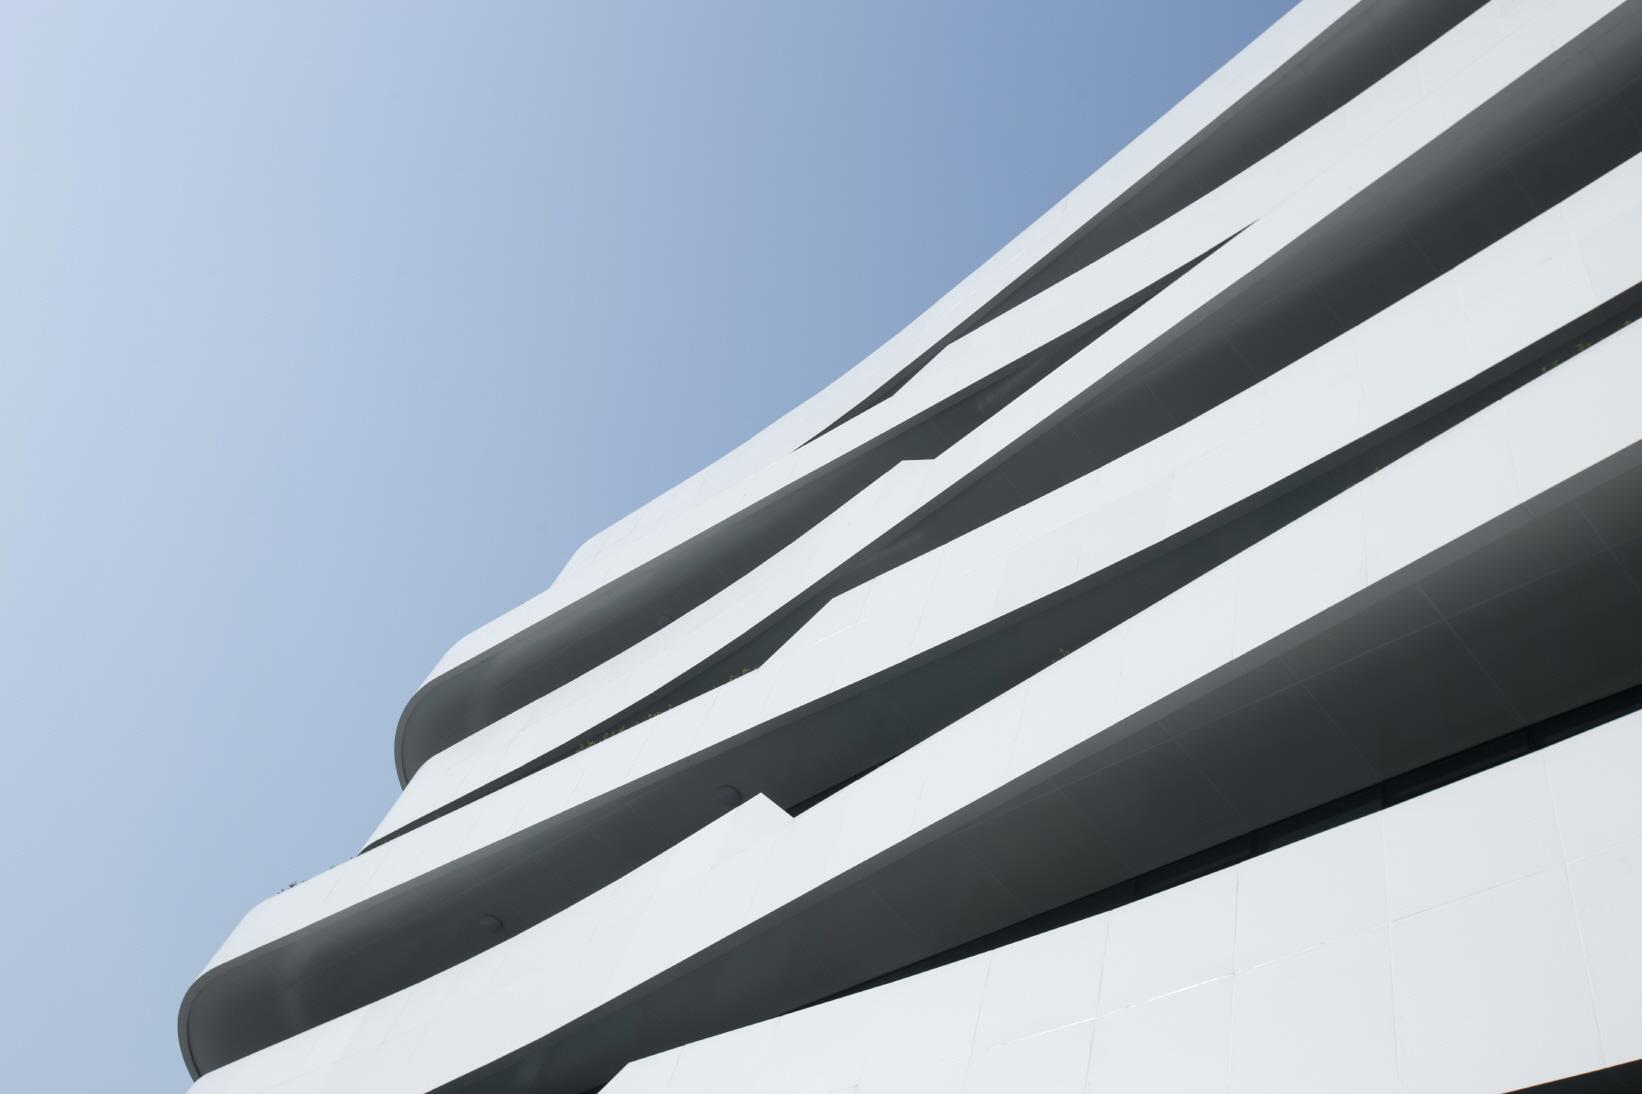 〔안정원의 건축 칼럼〕 중정을 중심으로 절묘하게 조합된 4개의 유기적인 L자형 매스 2